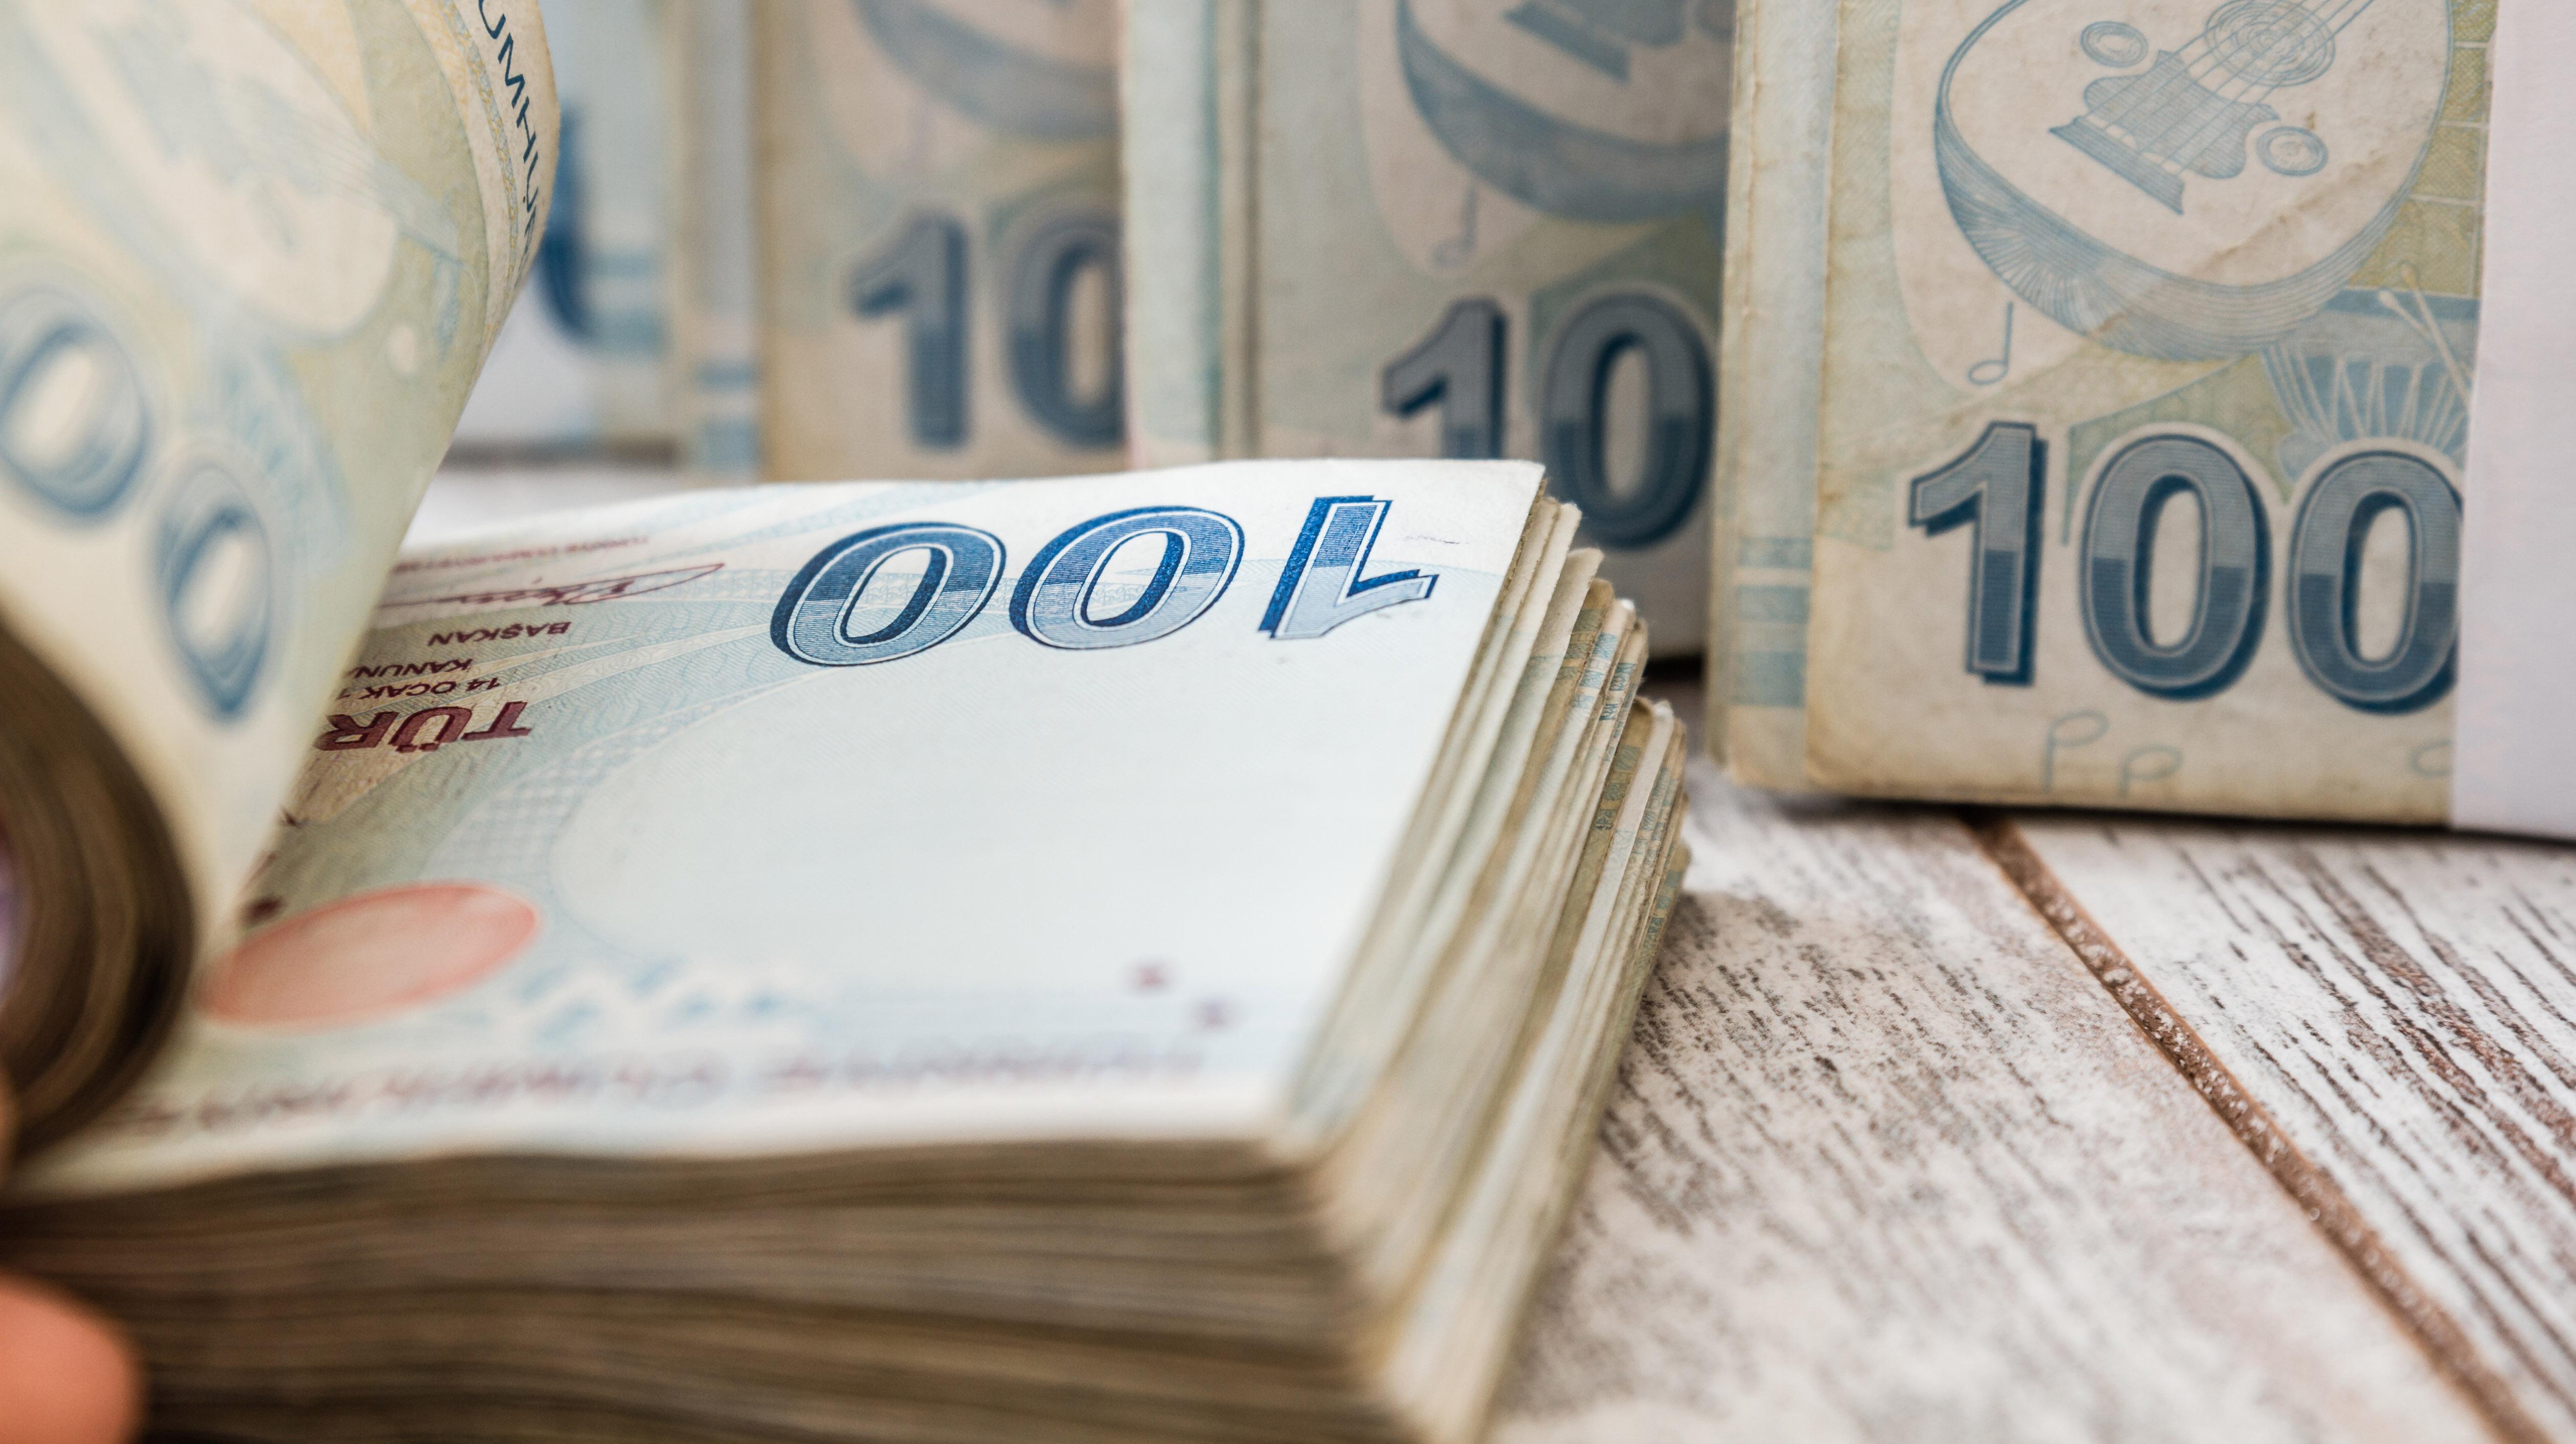 turk-bankalari-sorunlu-kredileri-yeniden-yapilandirmak-istiyor